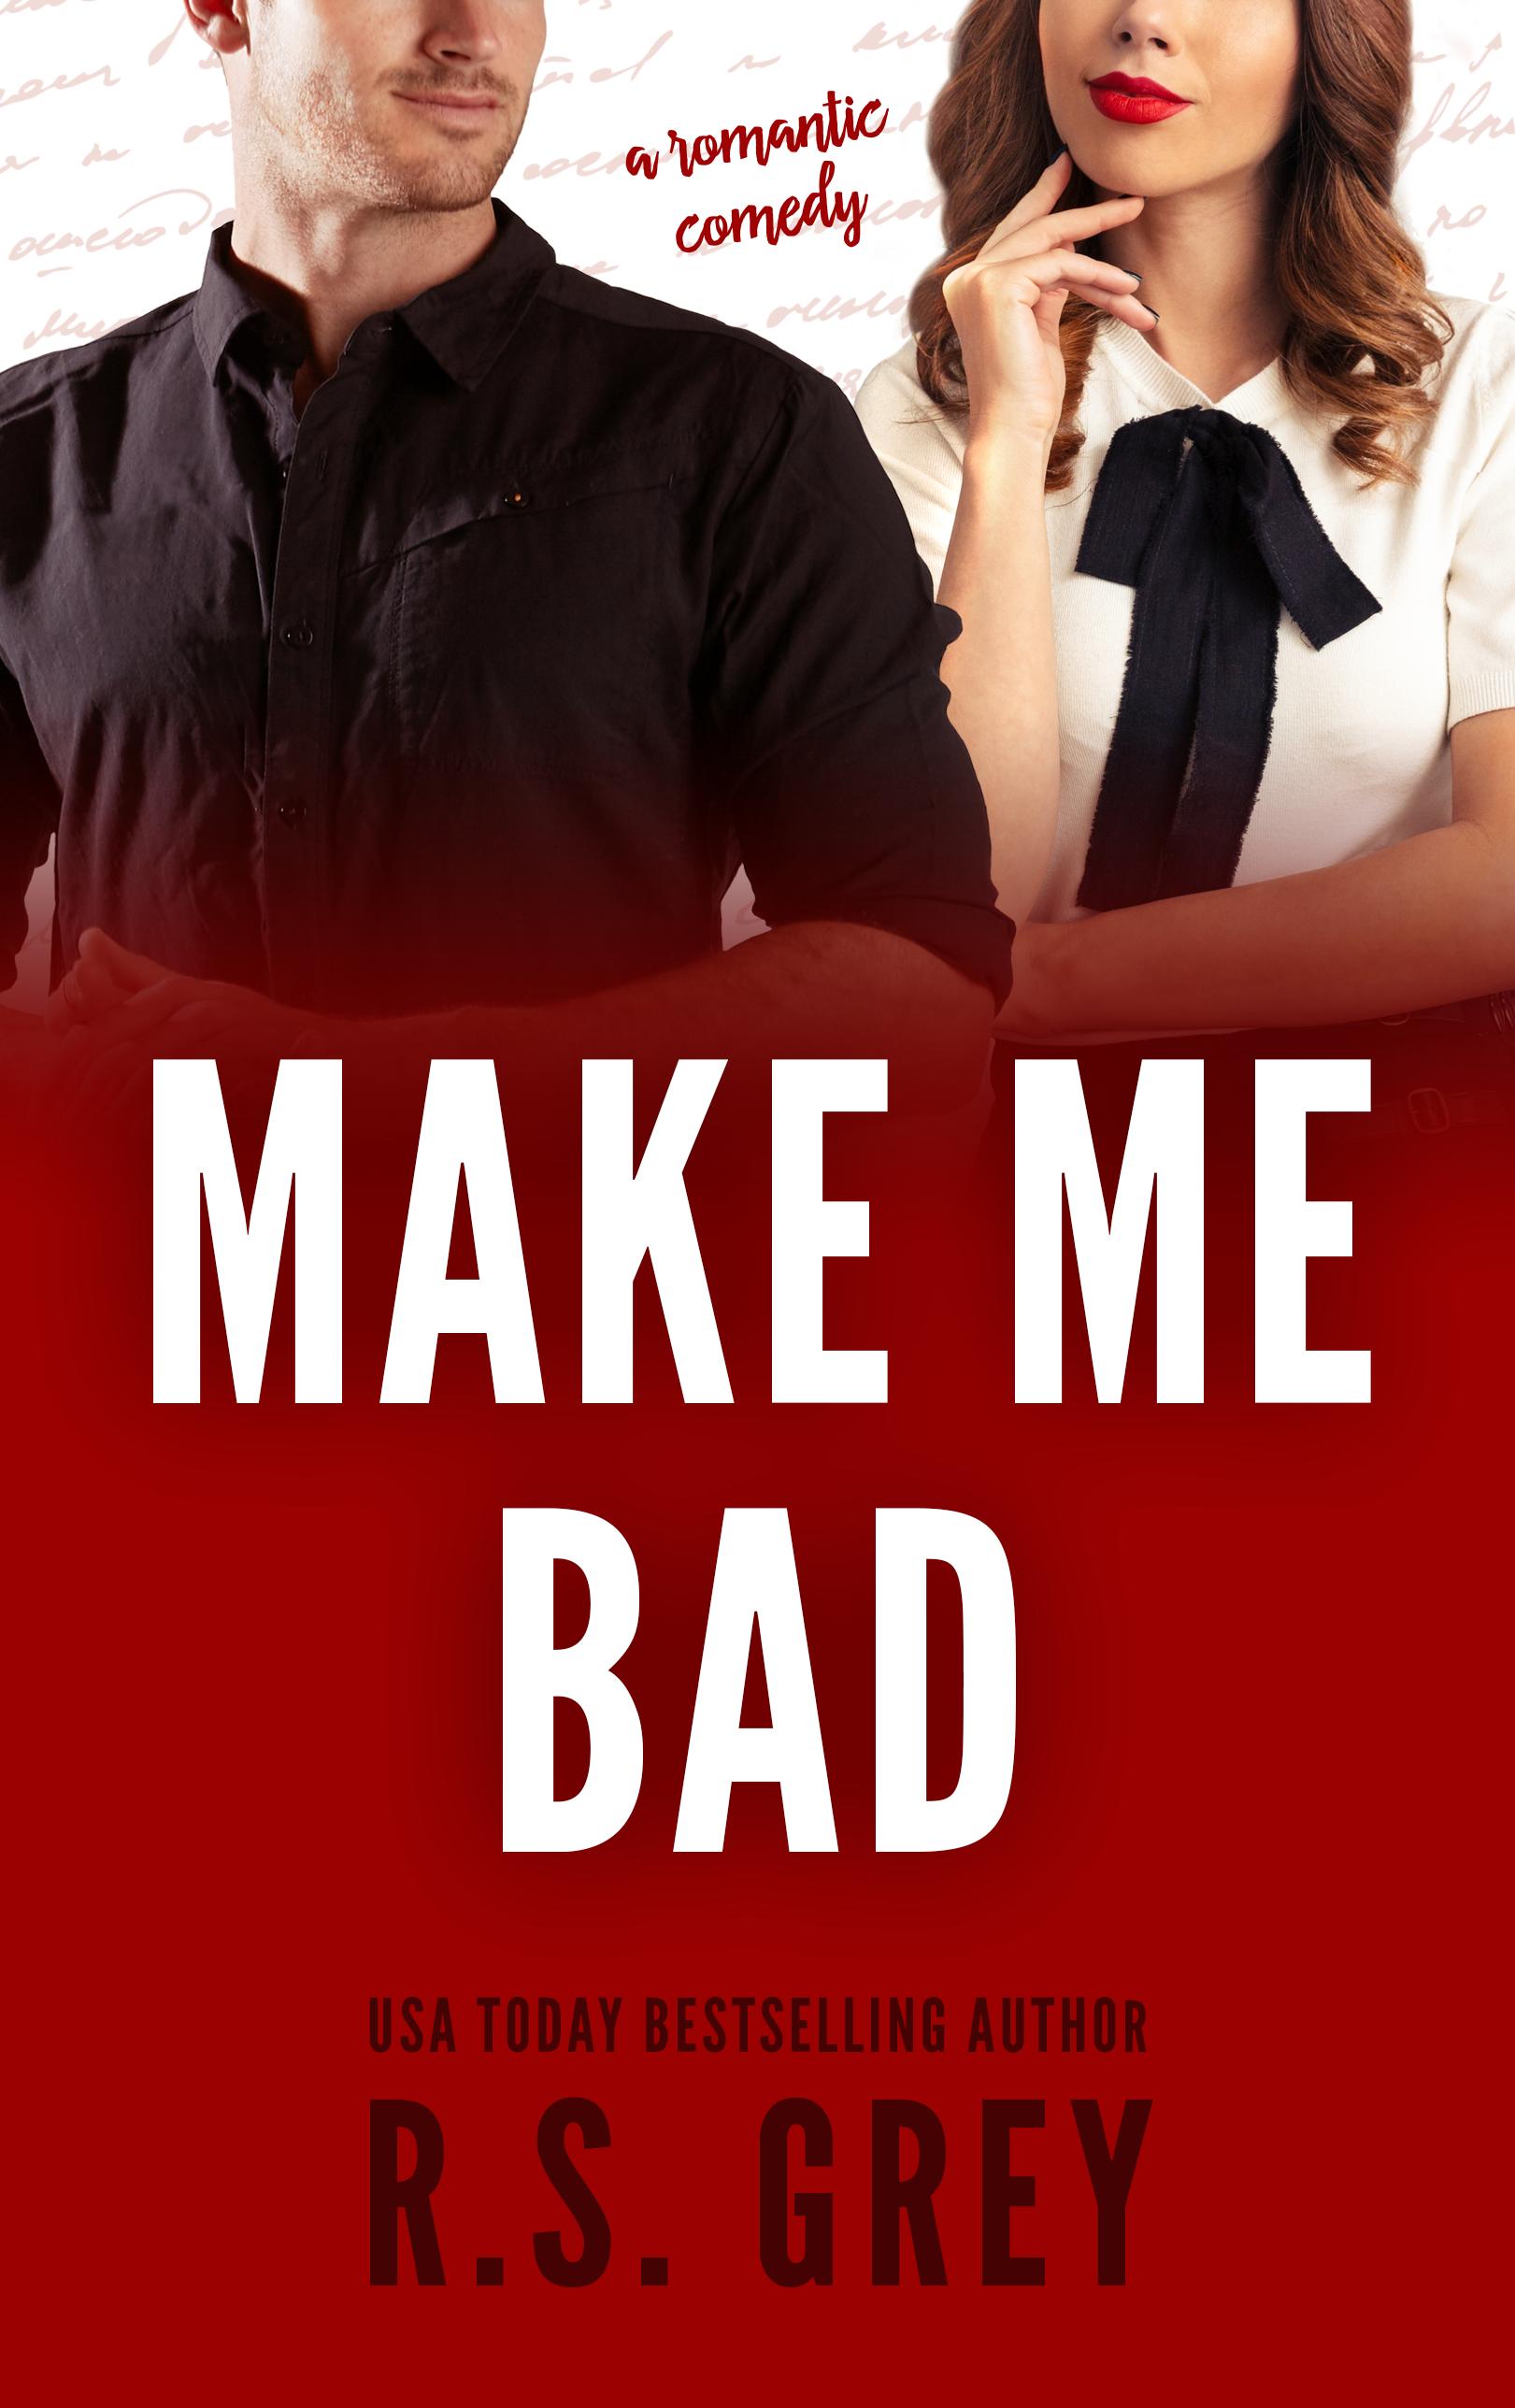 MakeMeBadEbookCover